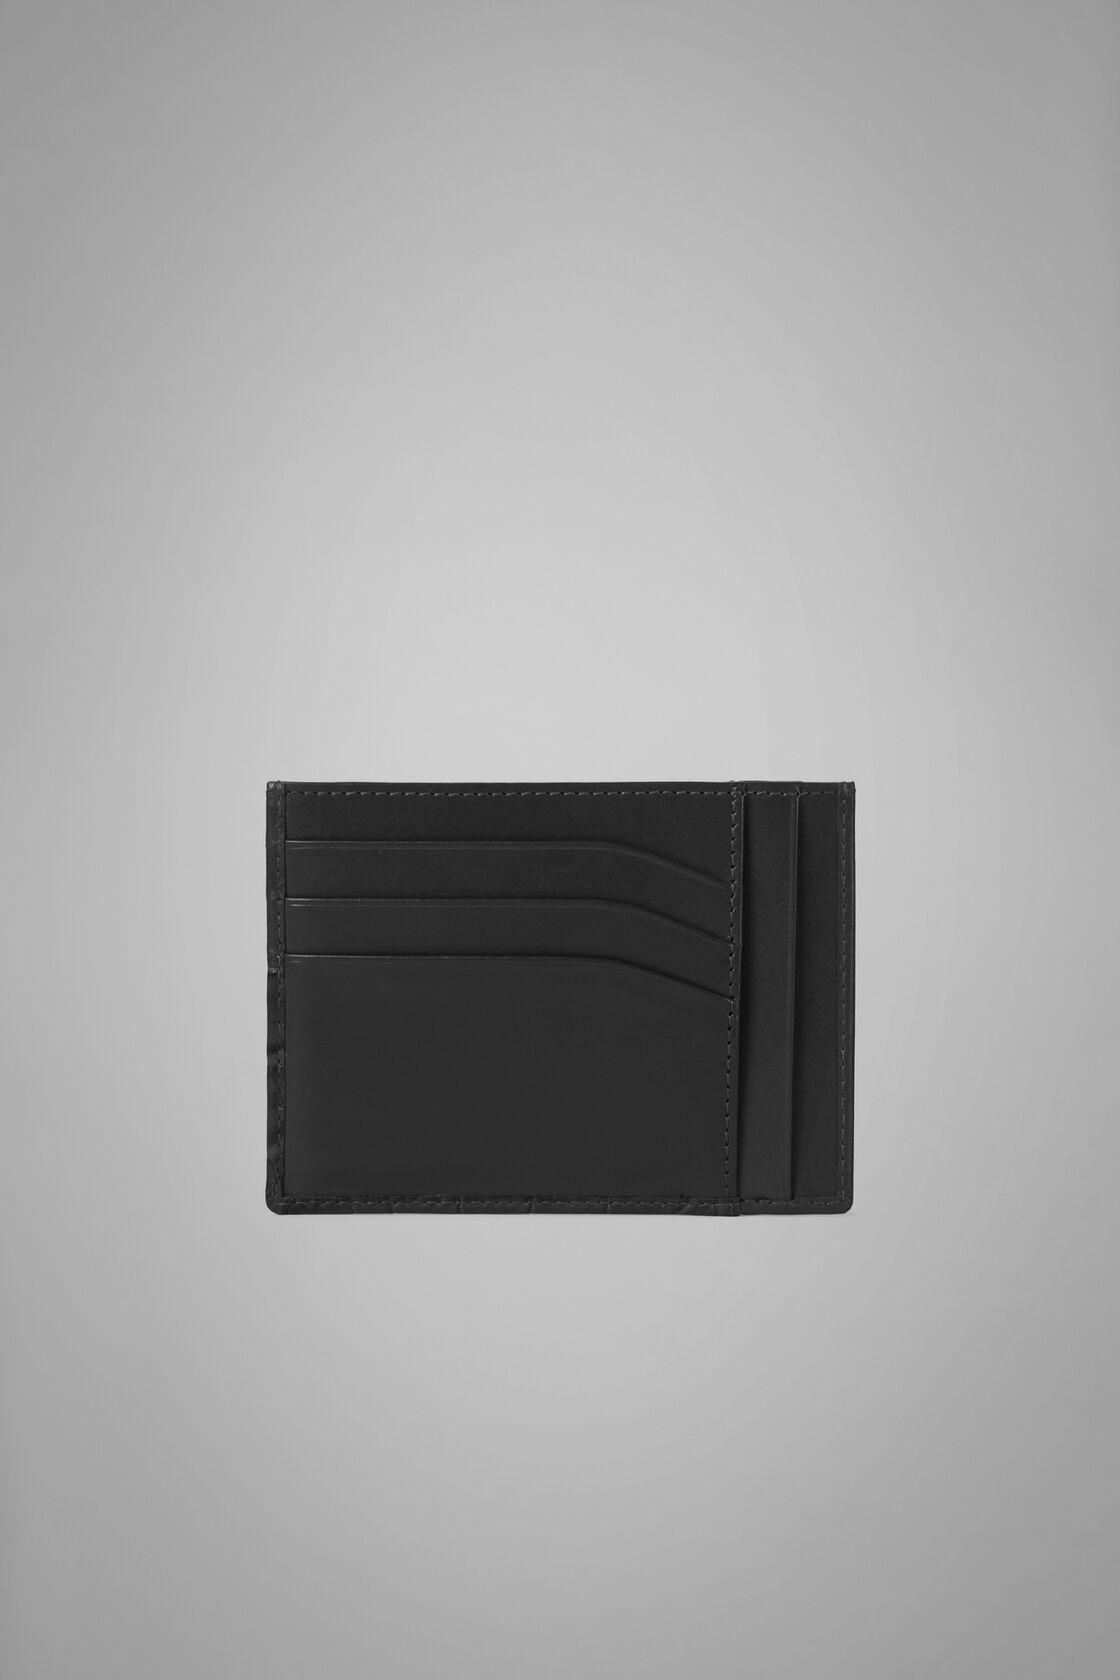 Grosse Kartenbörse Für Kreditkarten Aus Leder Mit Kokosnuss-Prägung, Schwarz, hi-res